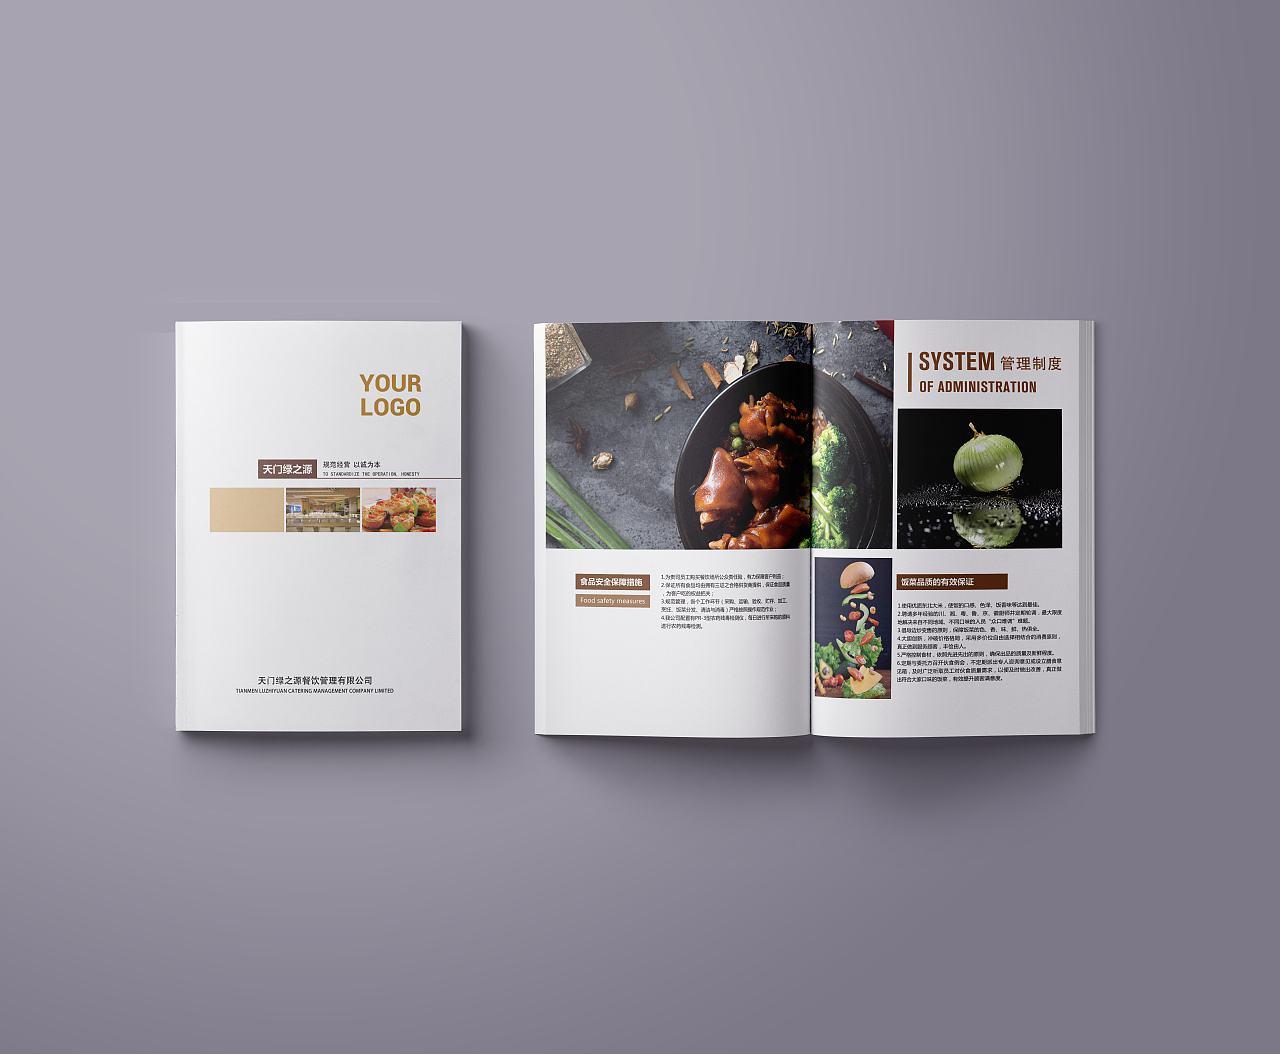 公司宣传画册印刷厂家如何设置标题